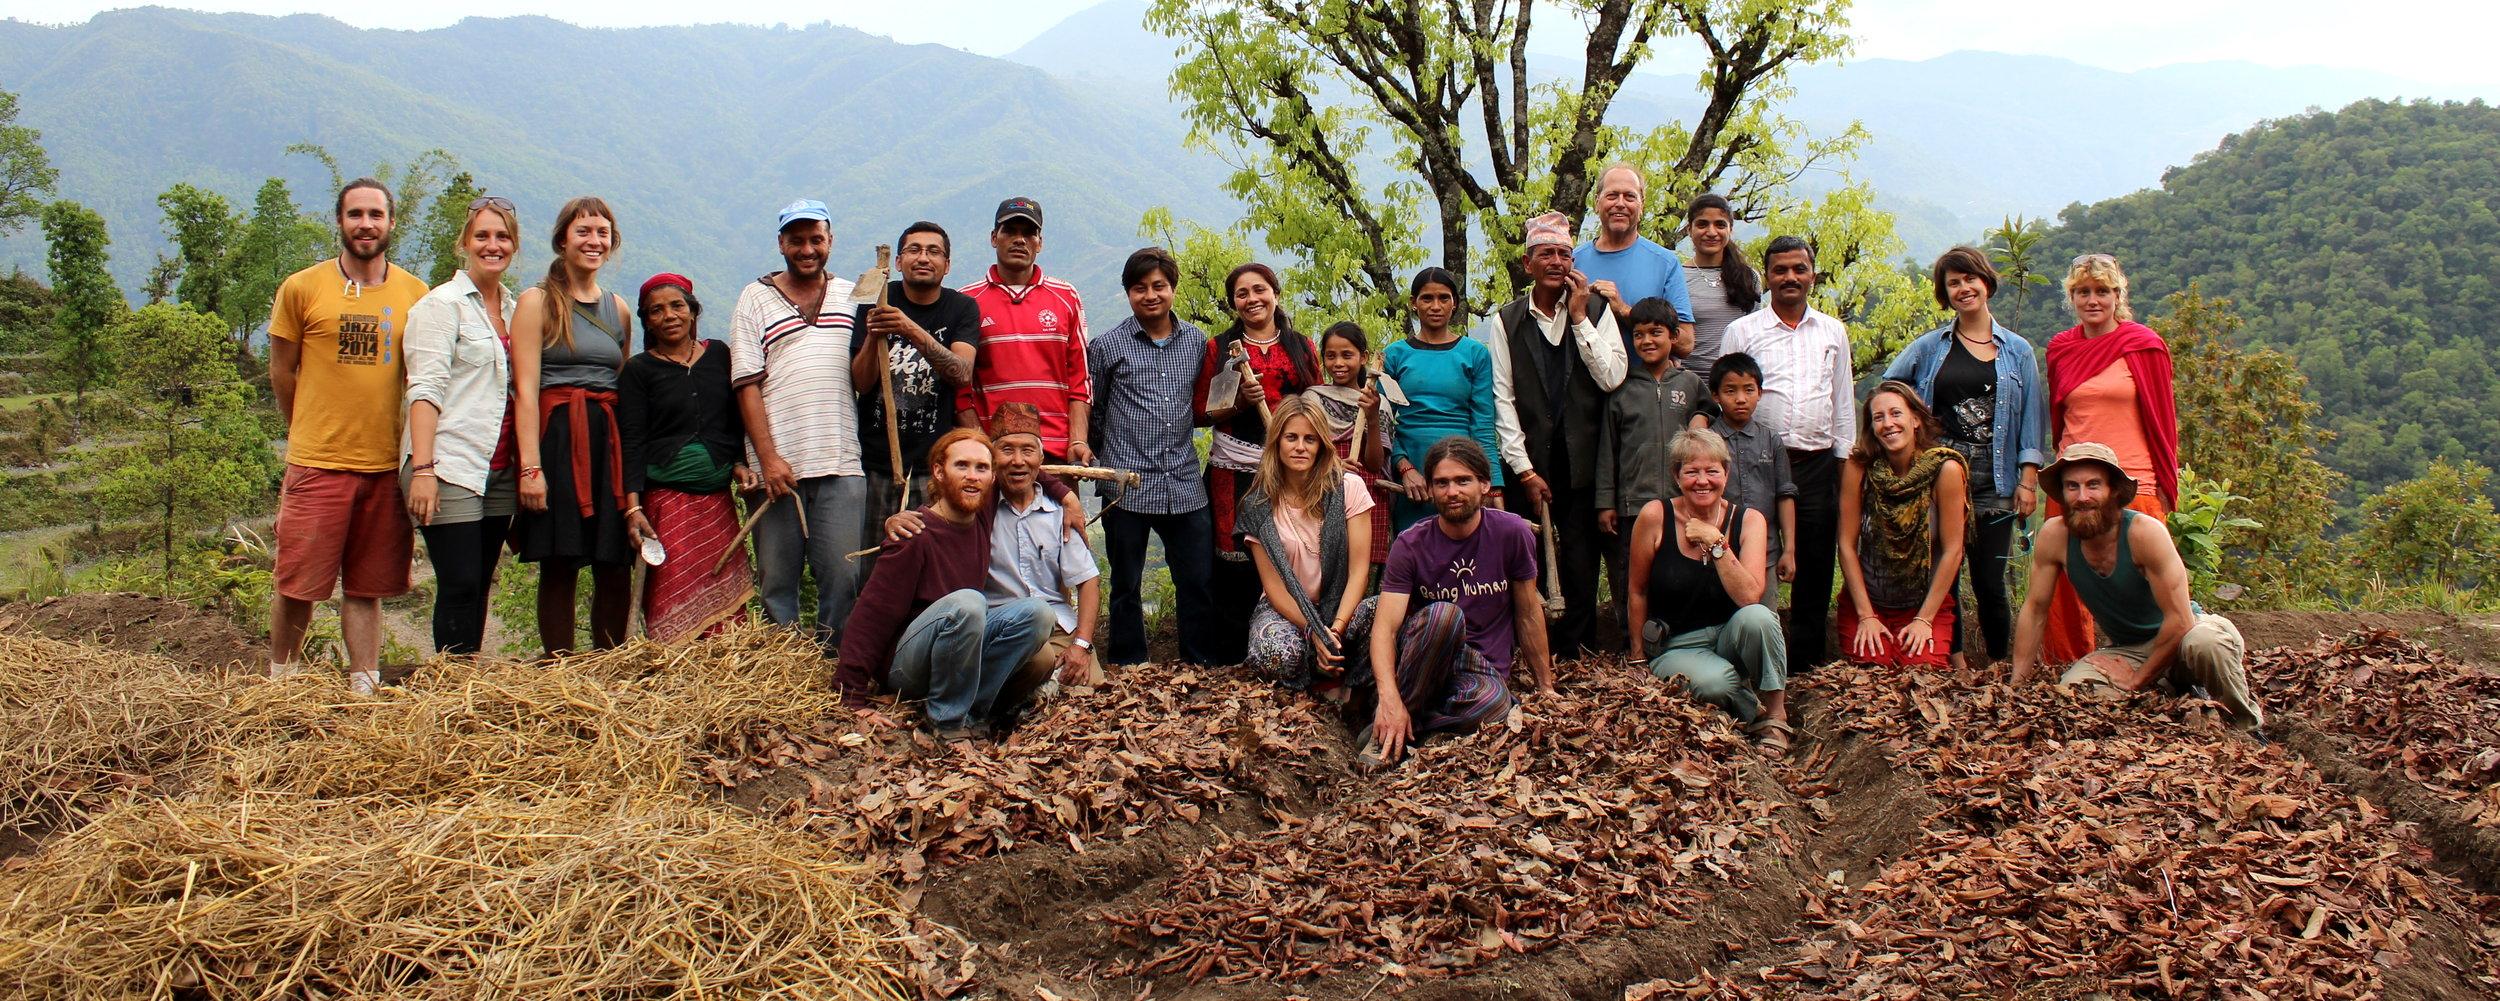 Nepal Adventure Crew